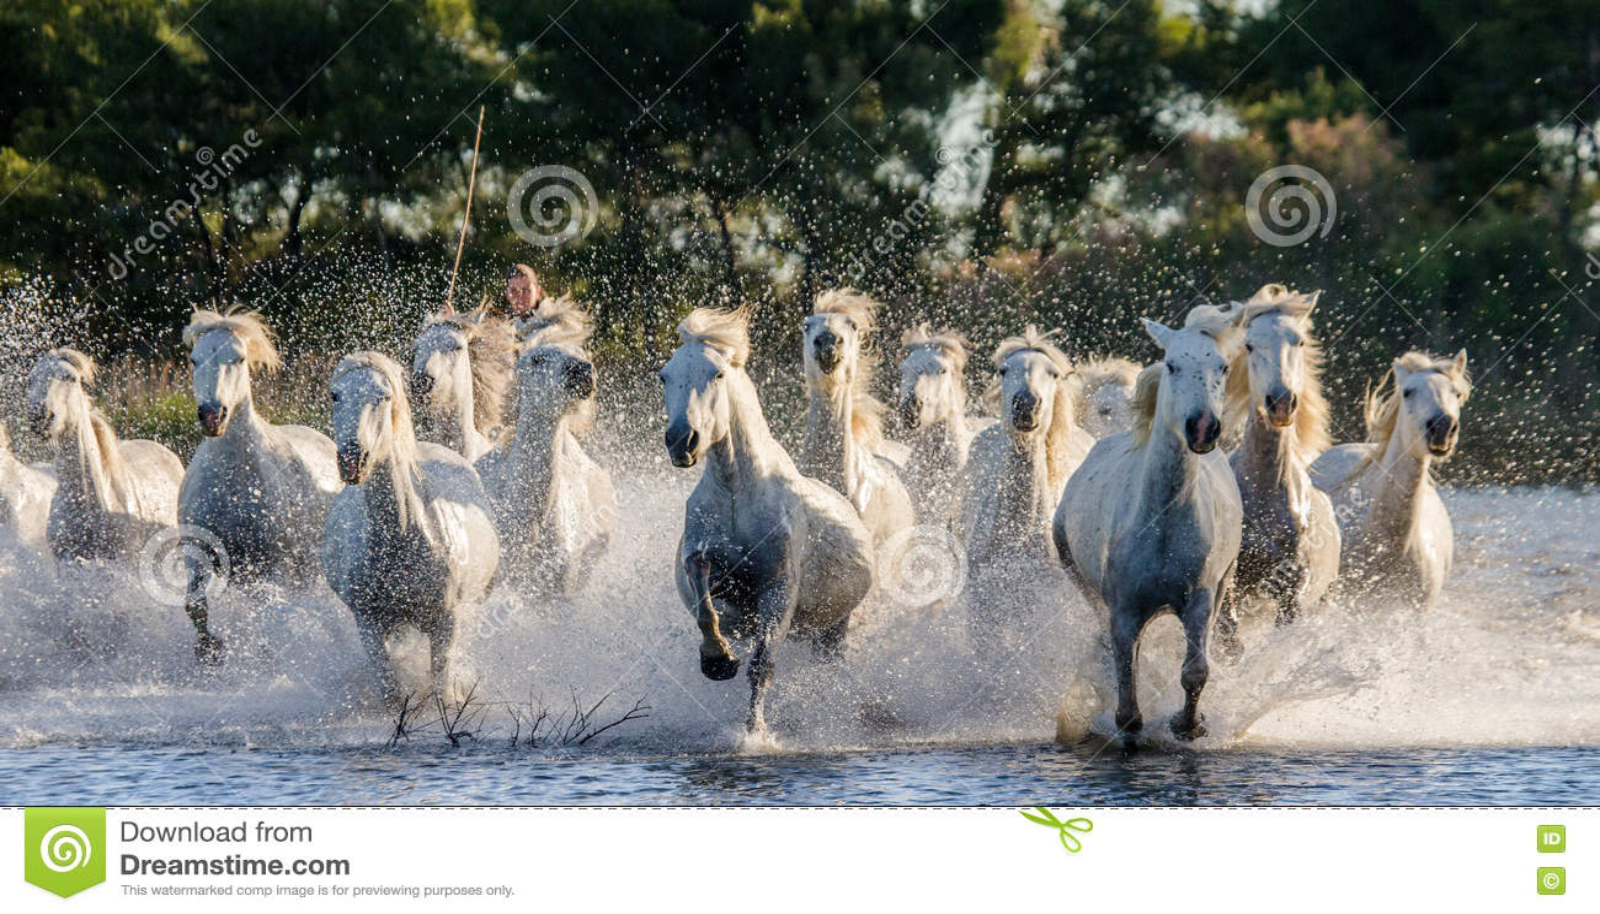 Weiße Camargue-Pferde laufen in das SumpfNaturreservat Parc Regional de Camargue frankreich Provence